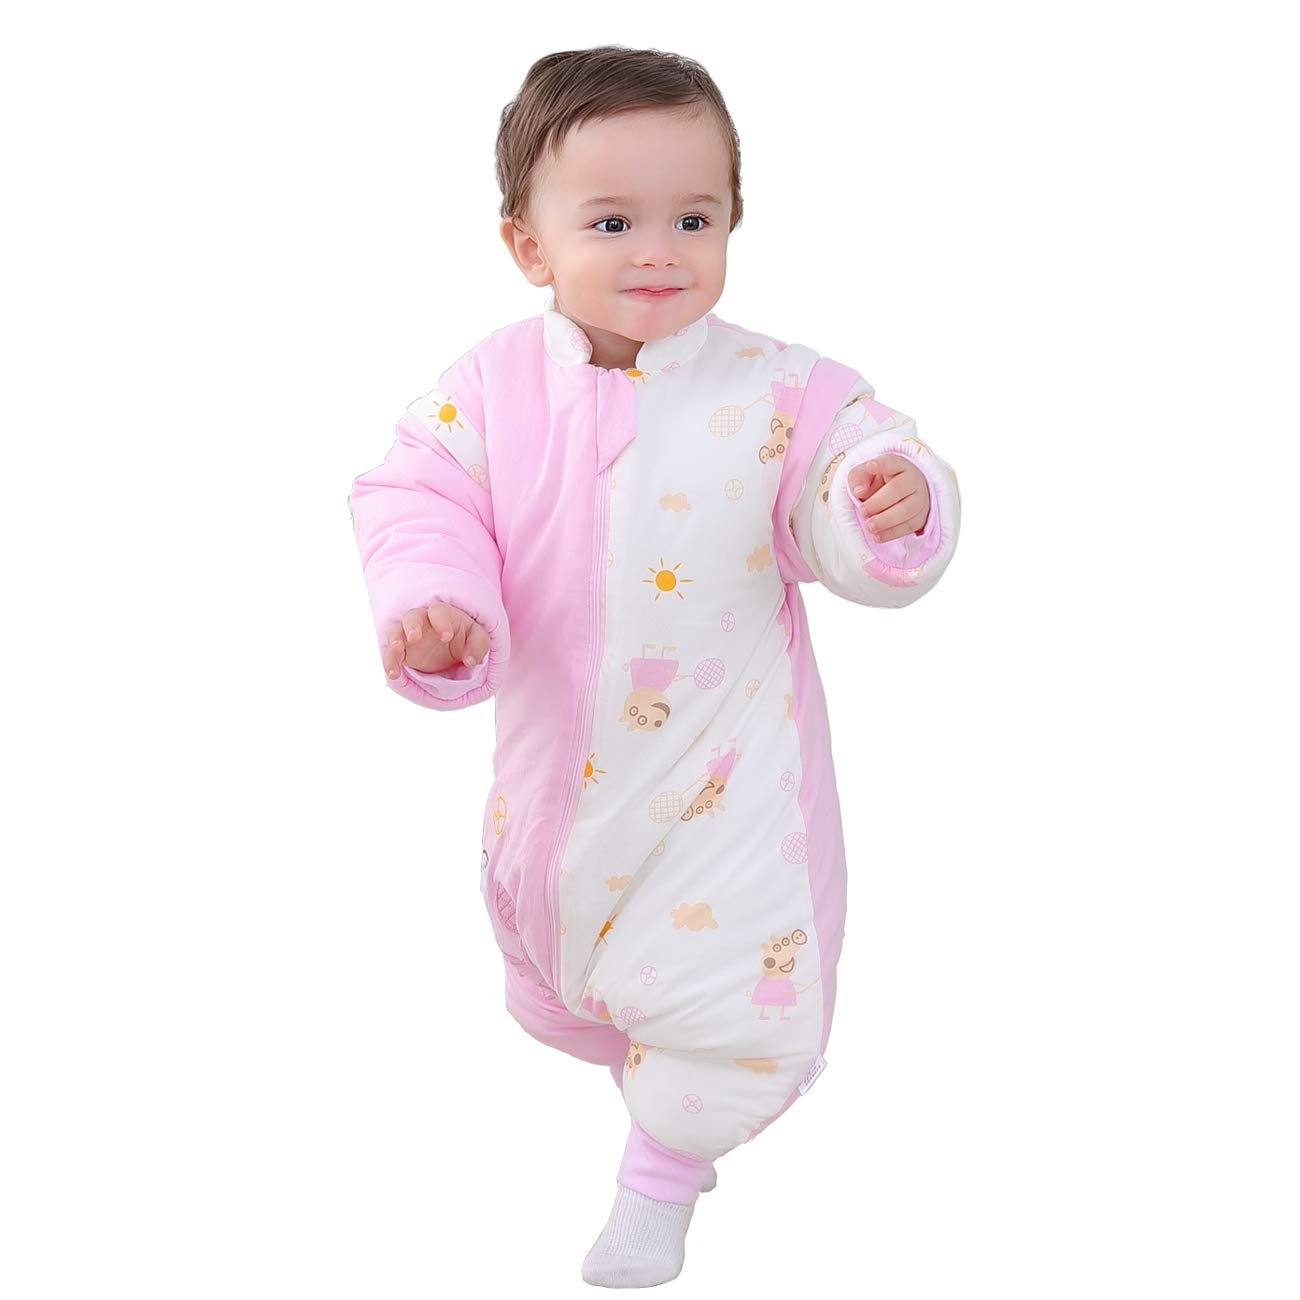 Saco de dormir para bebé con pies y pijama de manga larga de algodón, traje de dormir para bebé de 1 a 3 años. rosa rosa Talla:M(0-1 years old): Amazon.es: ...